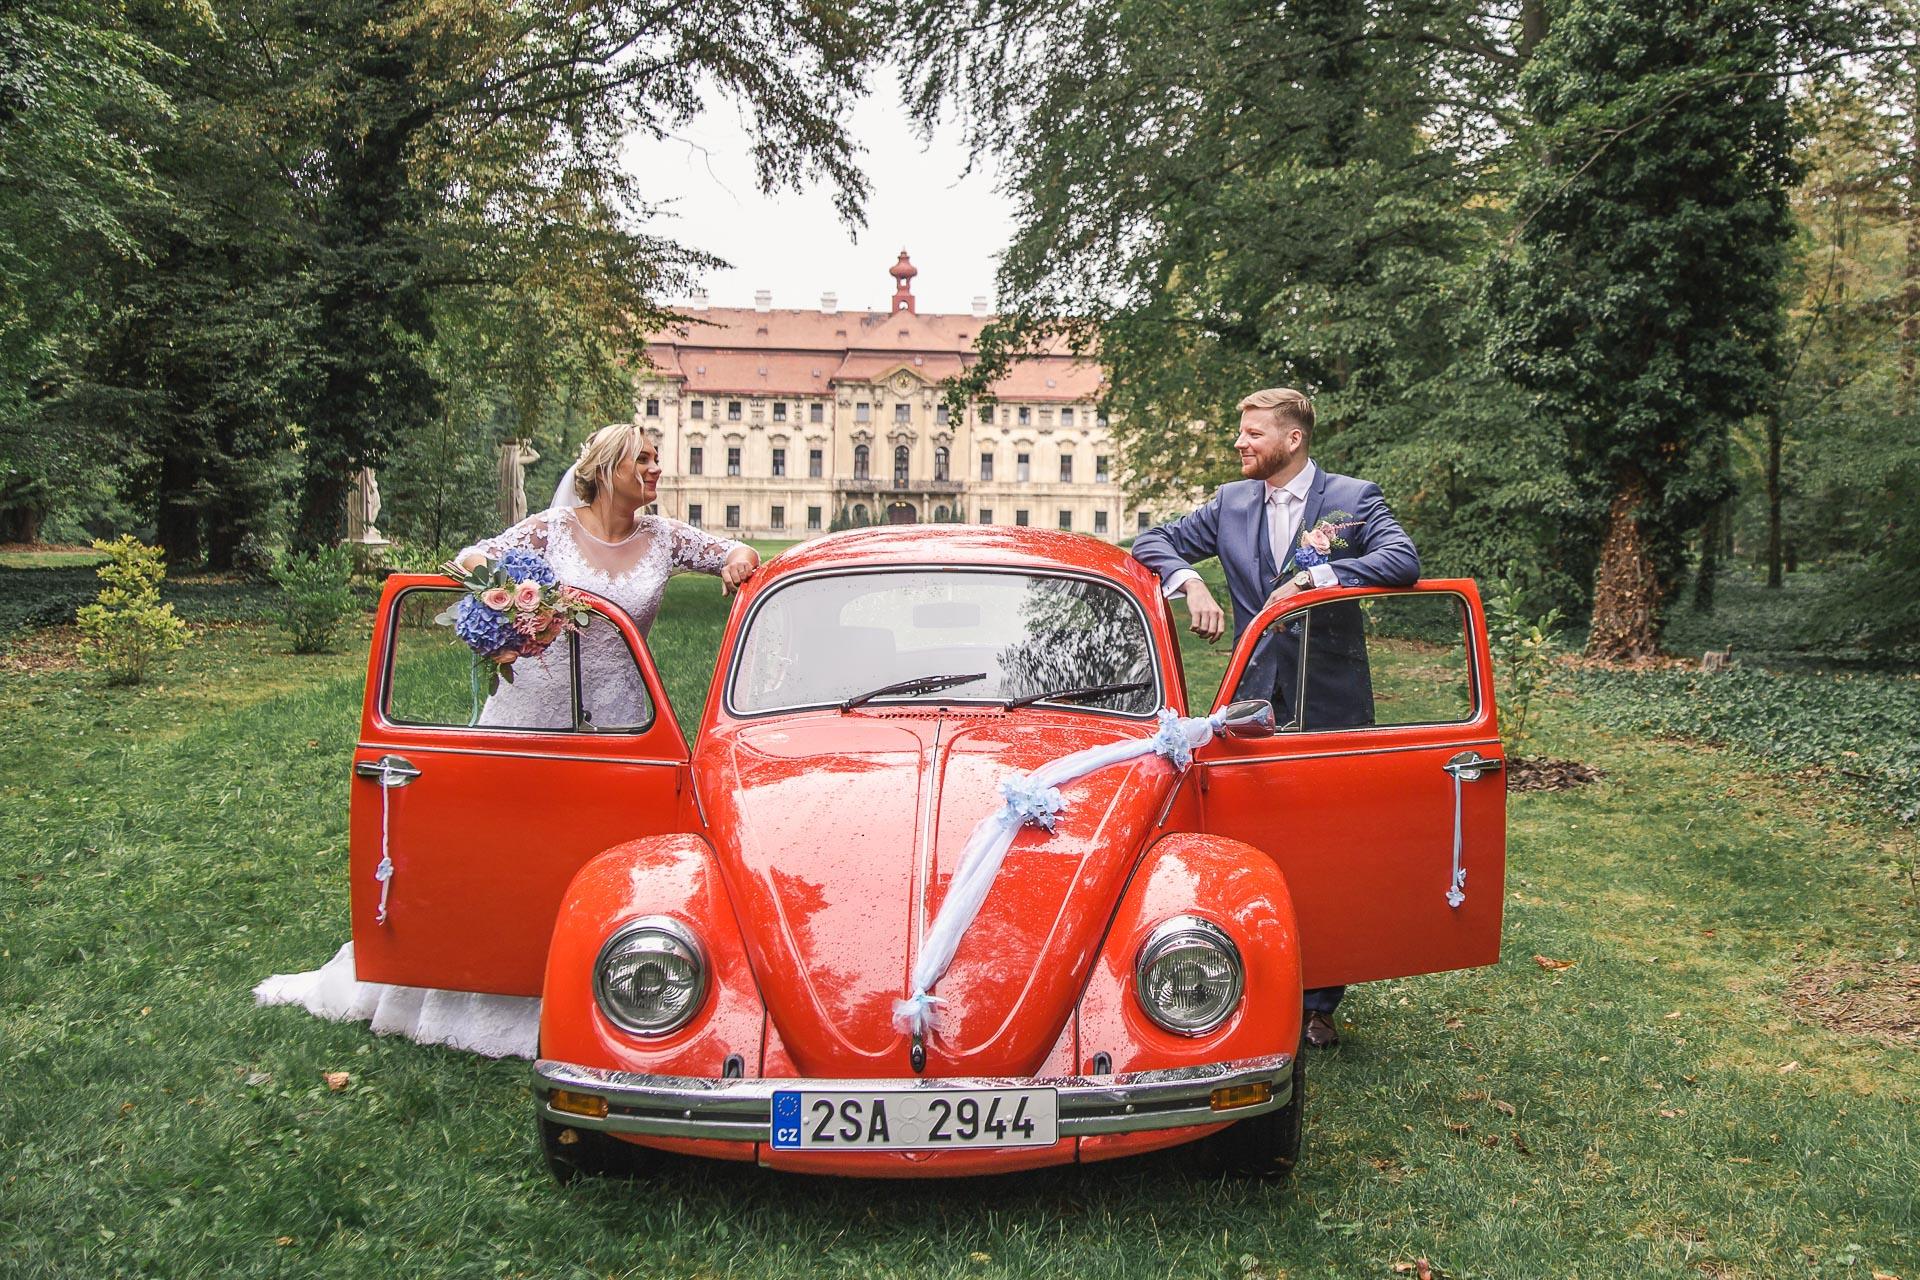 Svatební-fotograf-zámecký-park-Měšice-Svatba-Měšice-u-Prahy-7625